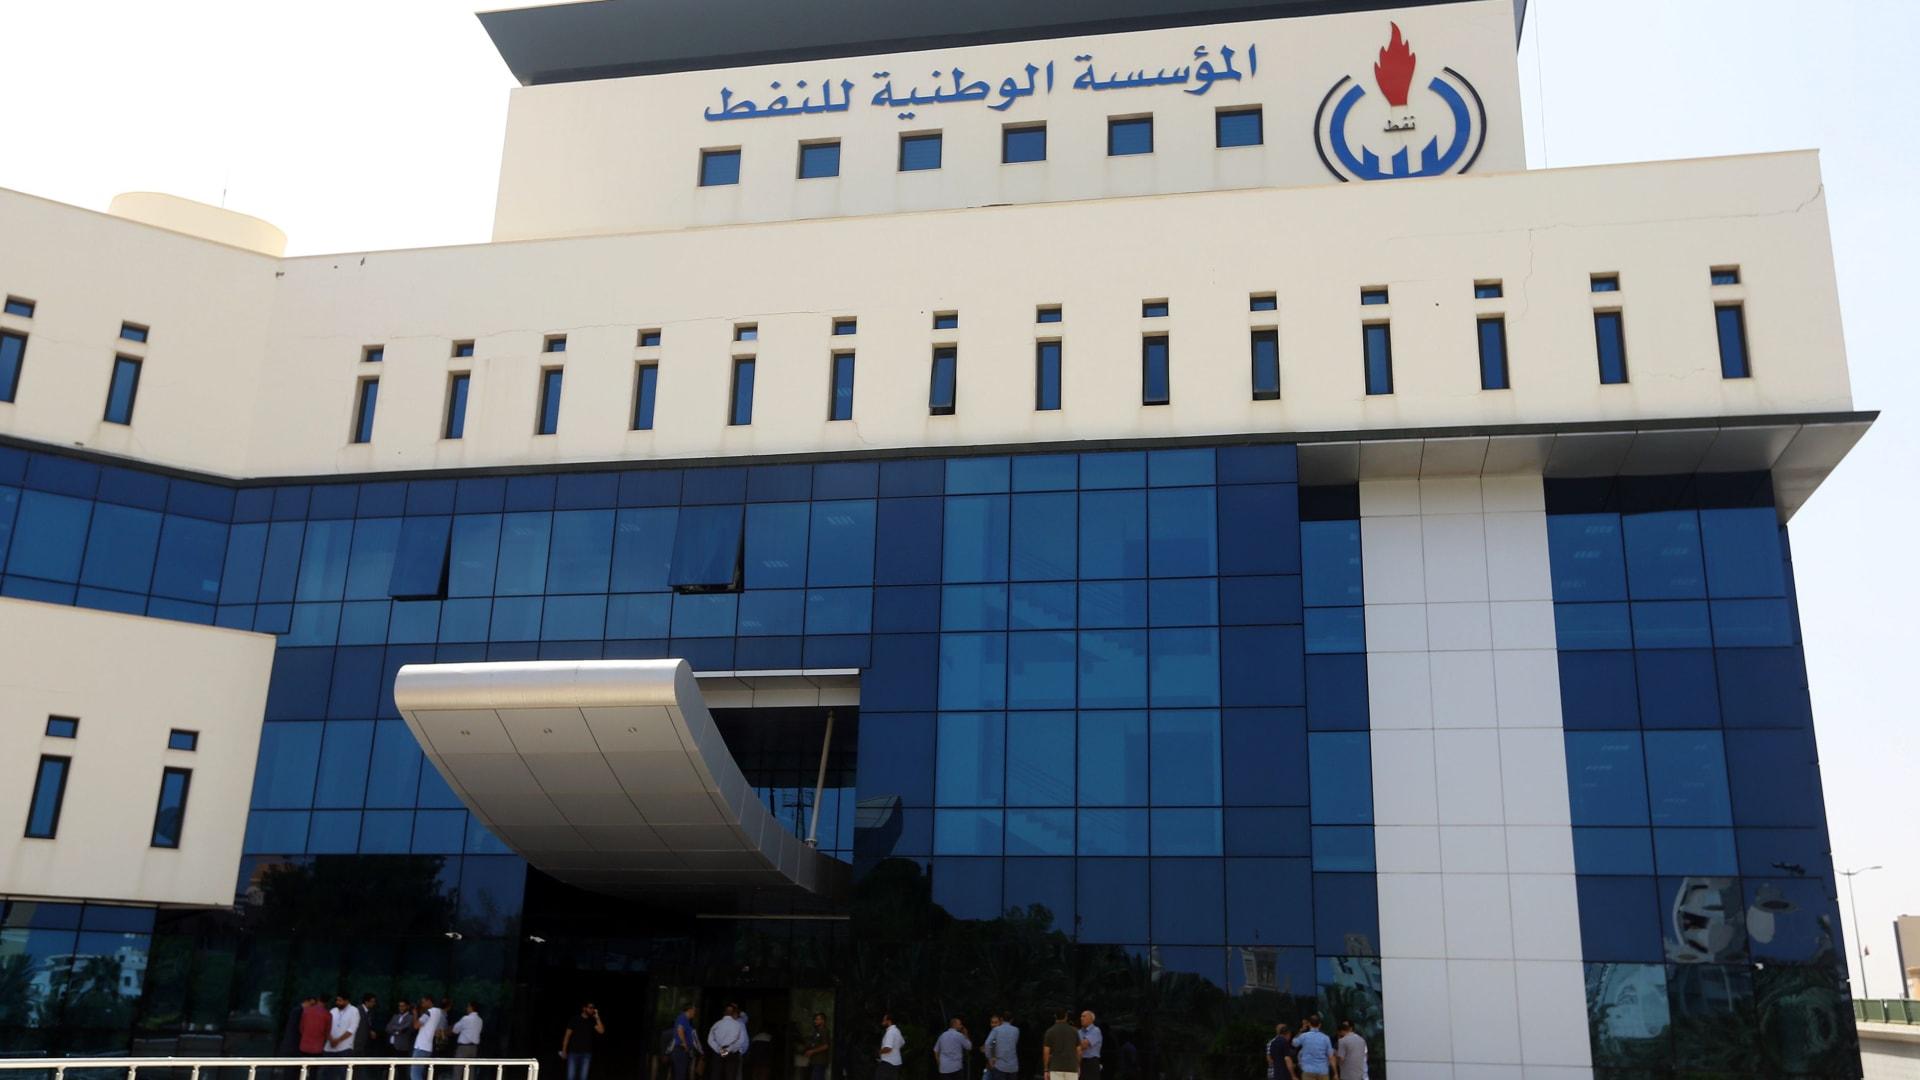 هجوم مسلح على المؤسسة الوطنية للنفط الليبية واحتجاز رهائن